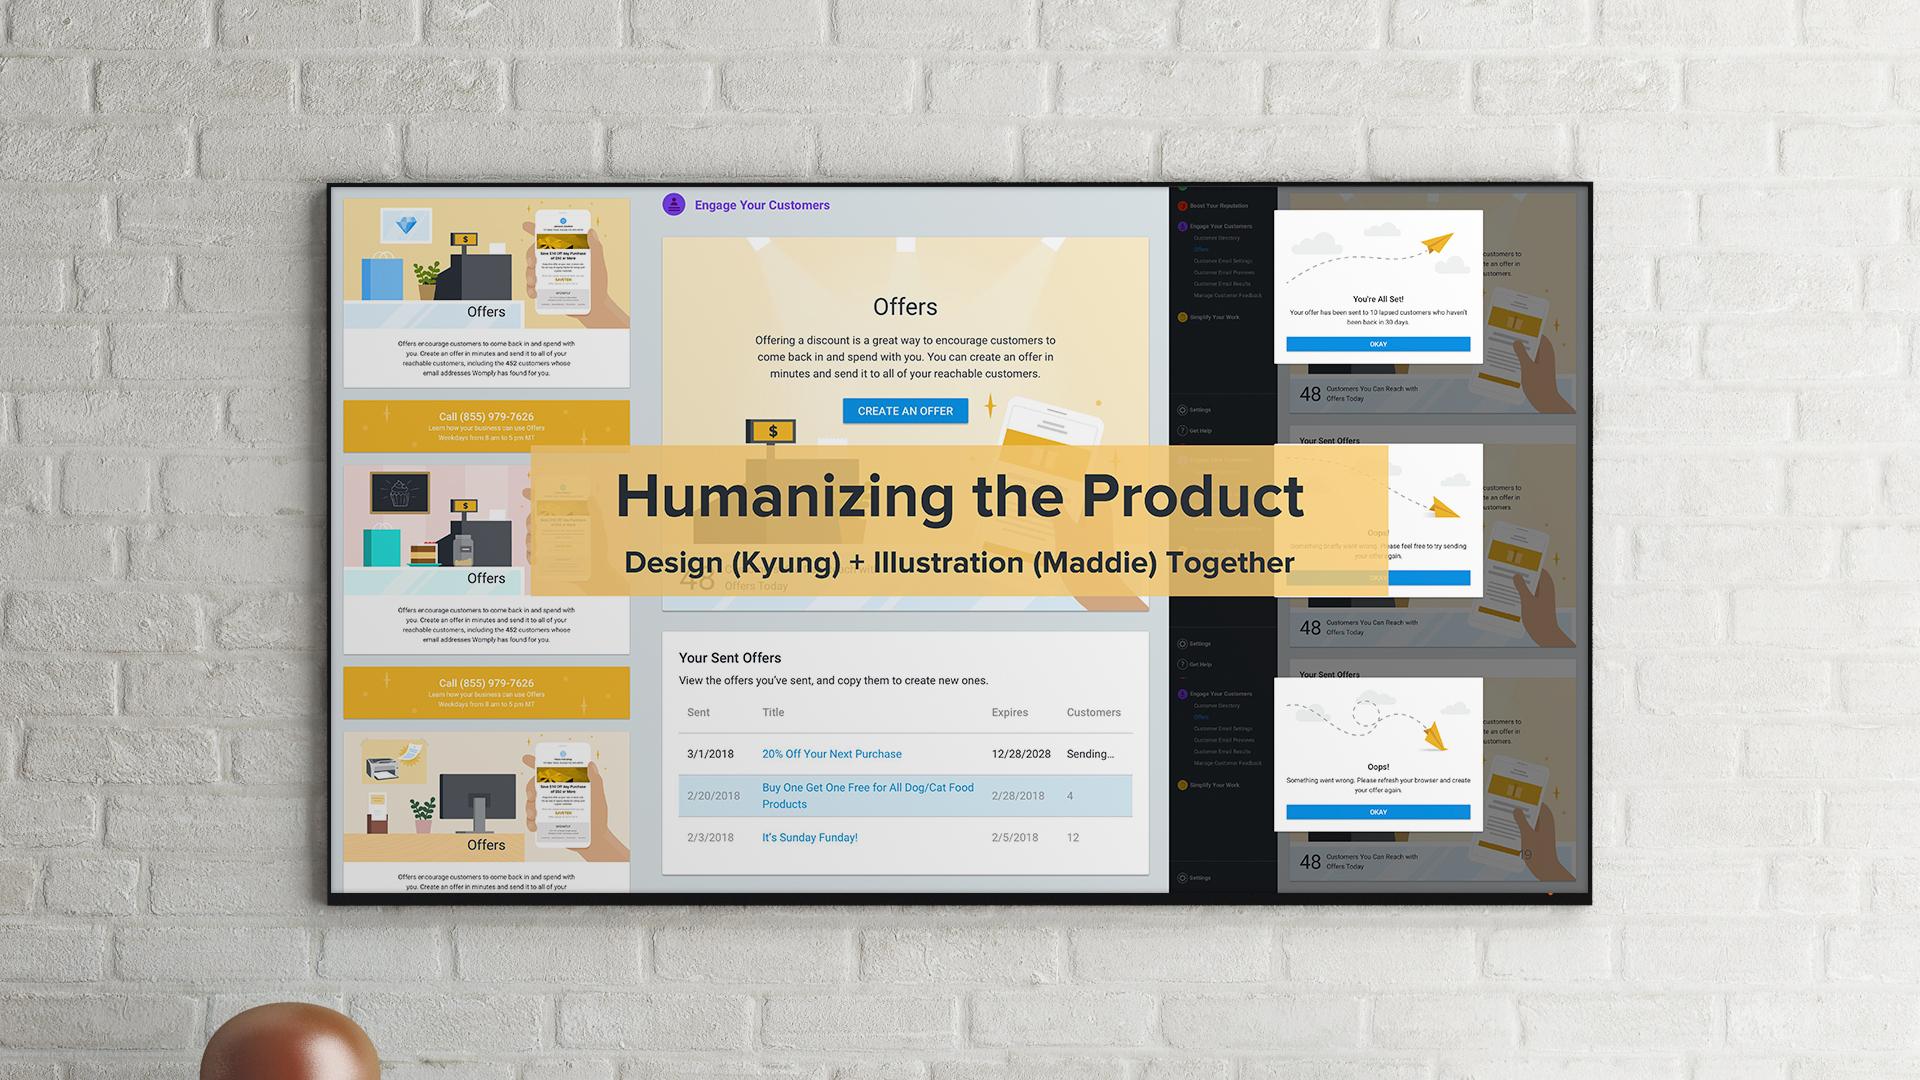 womply-digital-presentation-19.jpg